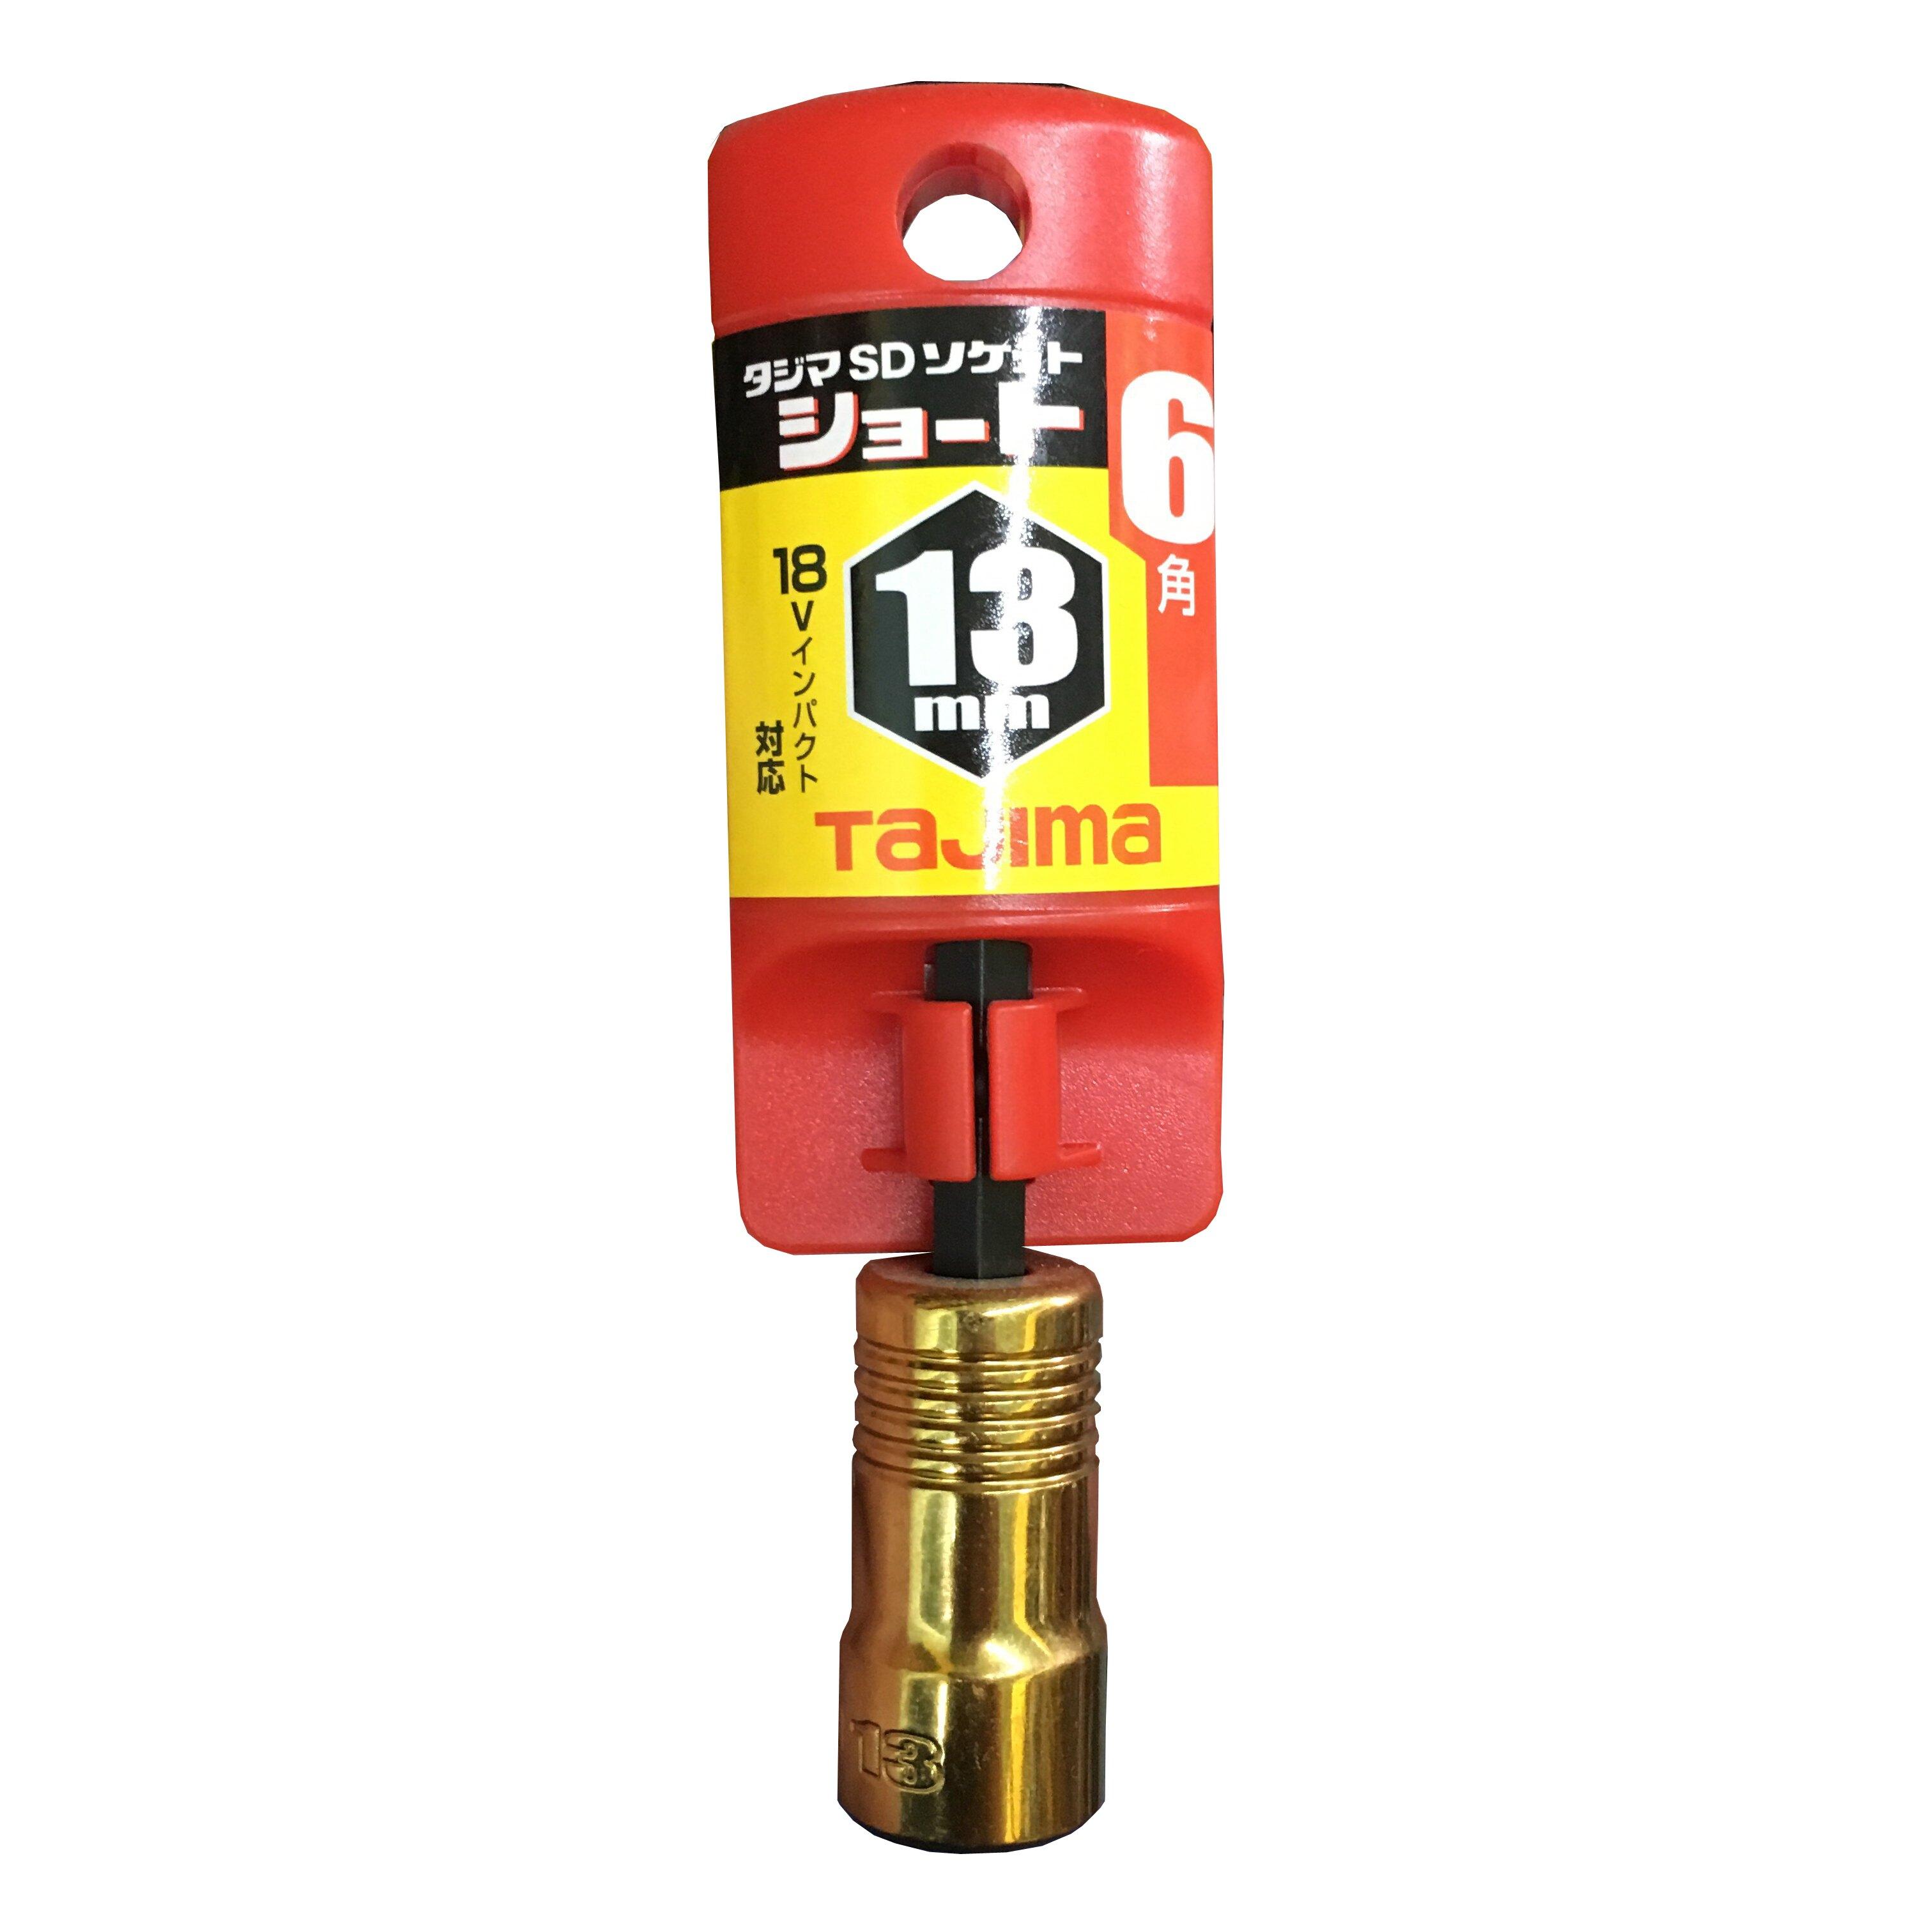 【日本Tajima】SD短套筒(六角套筒起子頭)-7mm/8mm/12mm/13mm/14mm/17mm/19mm